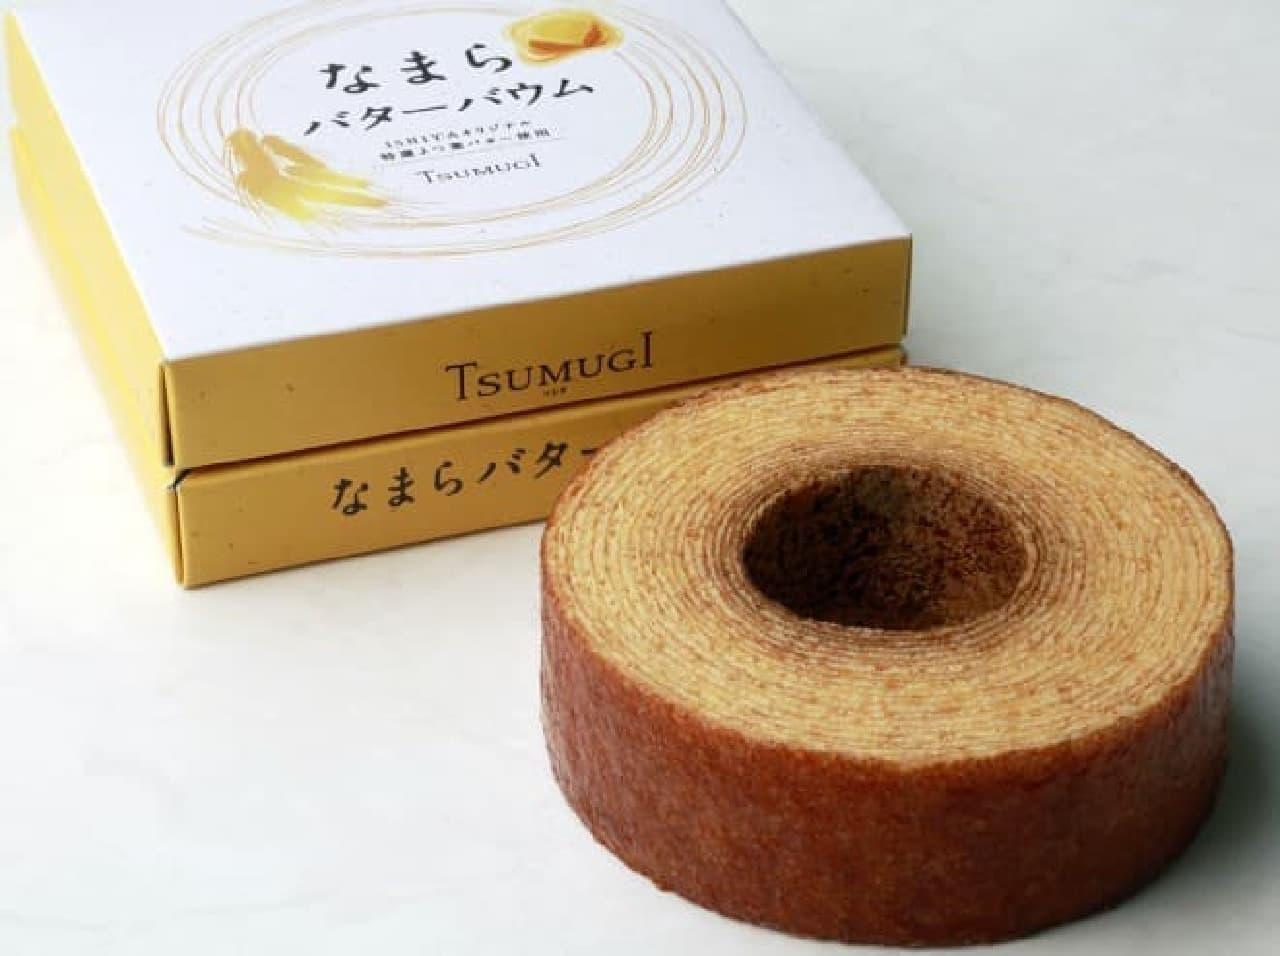 石屋製菓「なまらバターバウムTSUMUGI(ツムギ)」